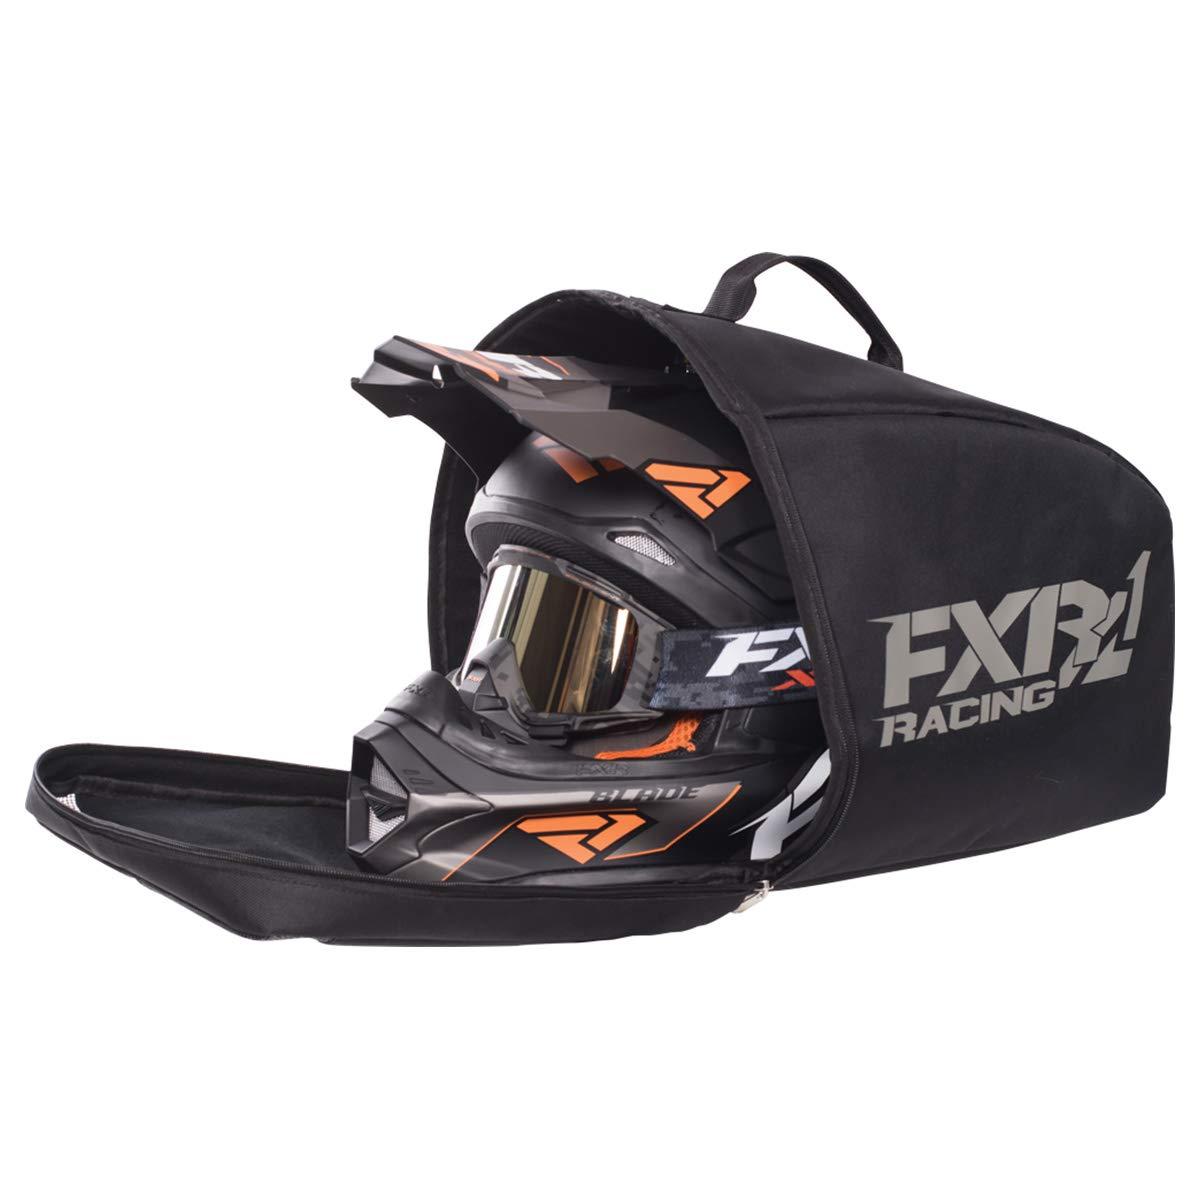 FXR Helmet Bag - Black